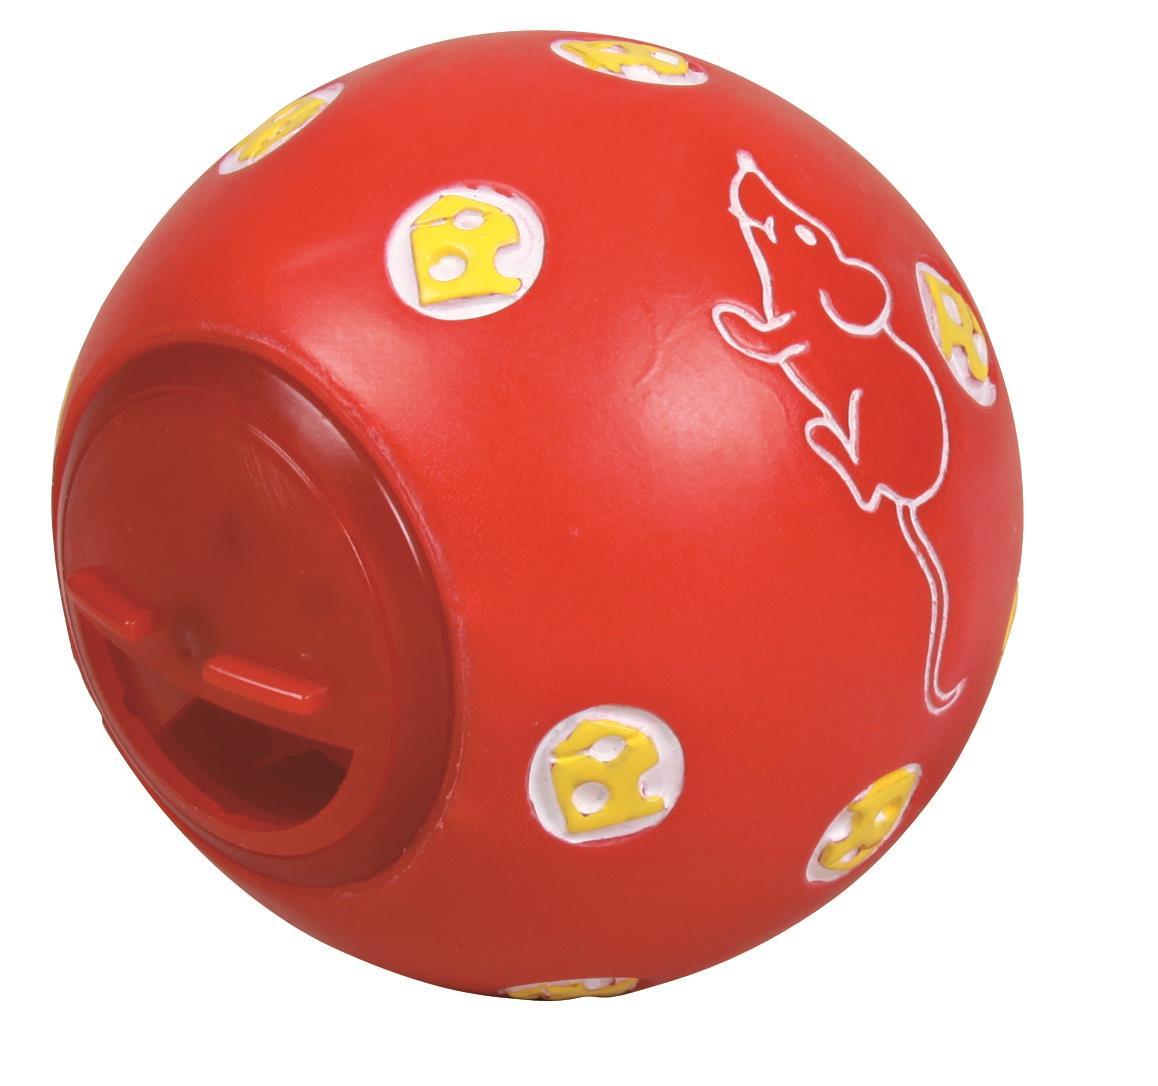 Aktivitet snacksball til katt 7.5 cm